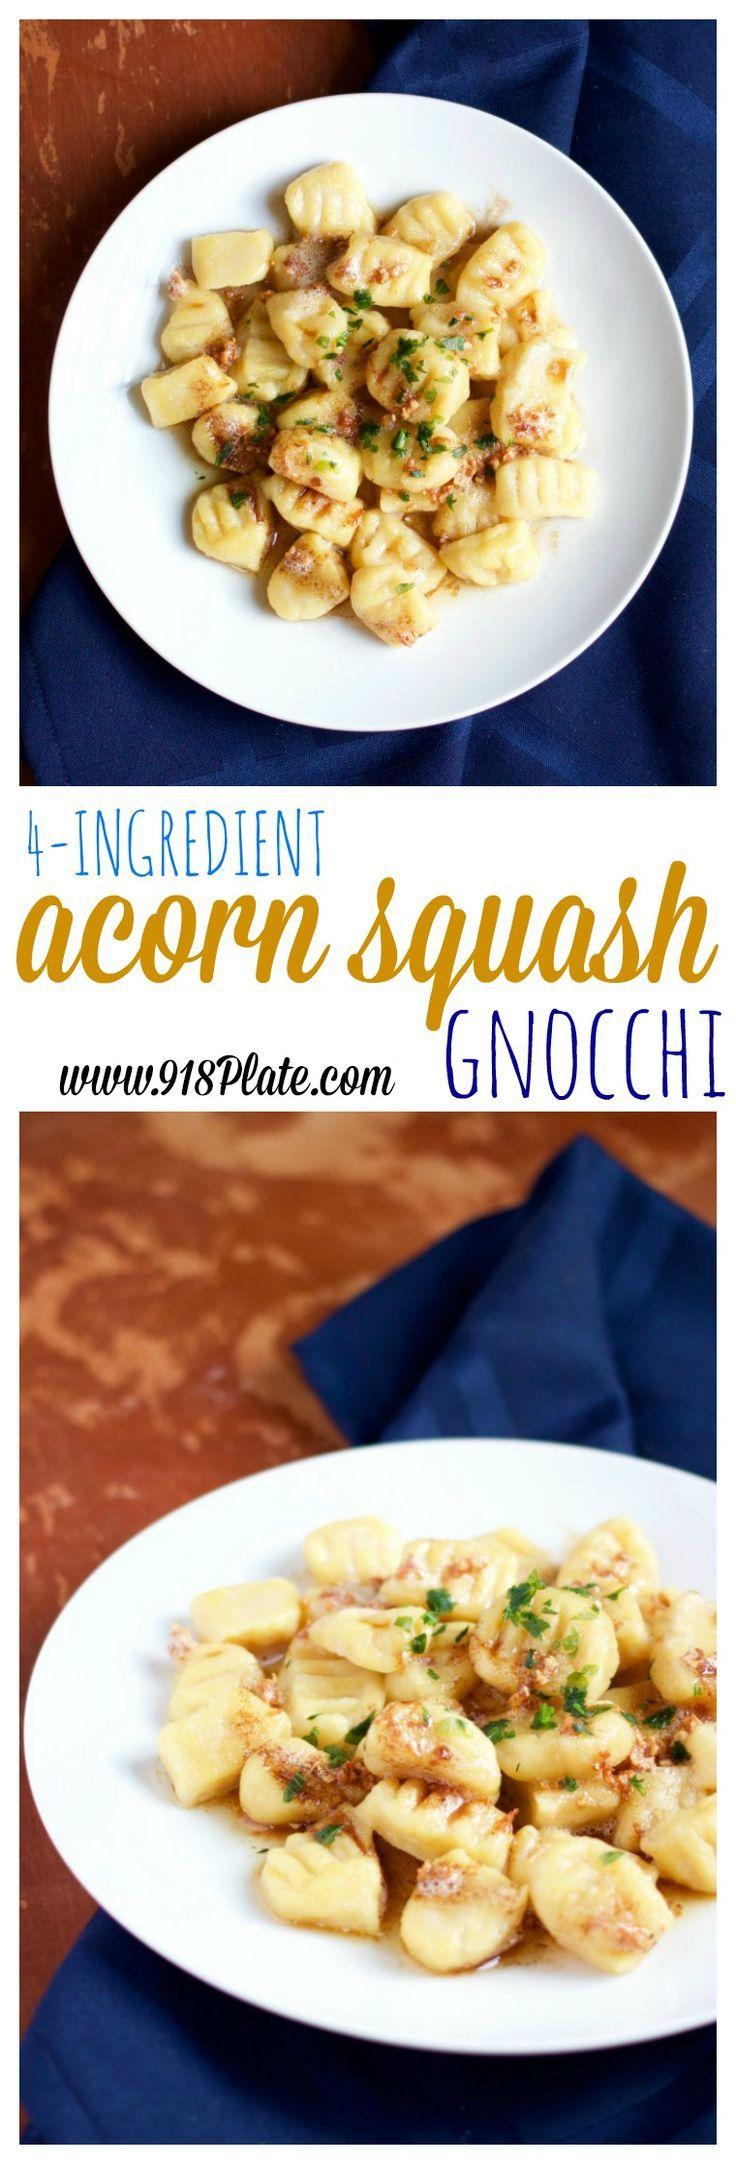 4-Ingredient Acorn Squash Gnocchi #autumnseason